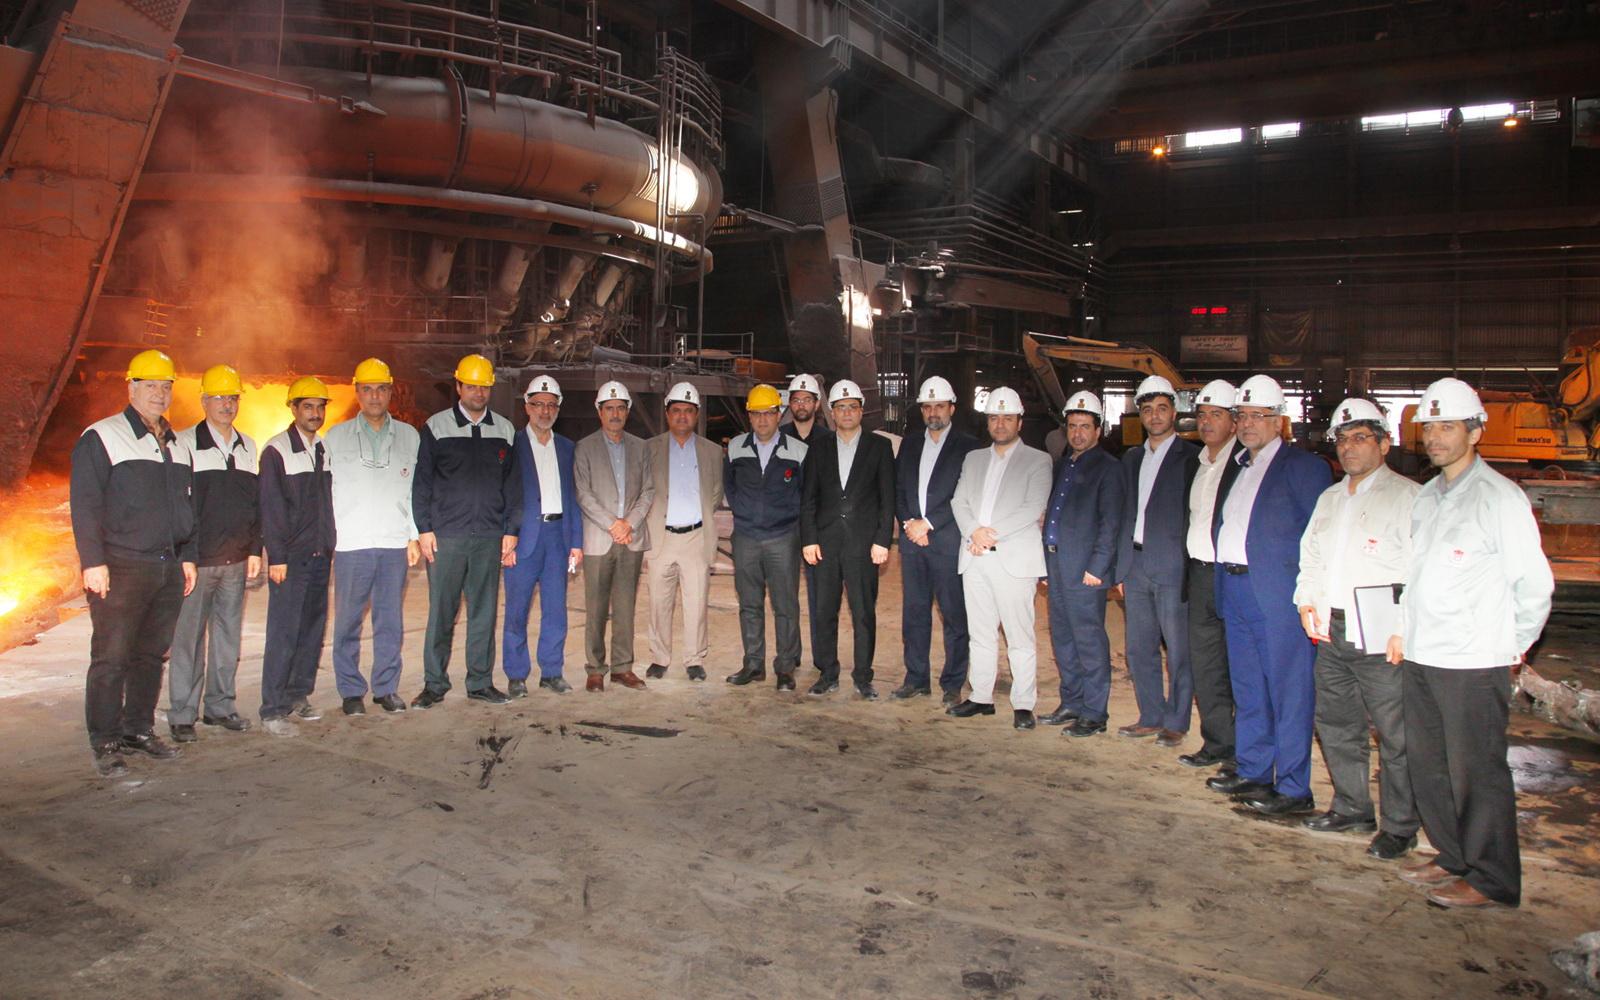 اعلام آمادگی ذوب آهن برای همکاری بیشتر با راه آهن/ ذوب آهن درصدد تولید مصولات فولادی با کاربرد صنعتی است